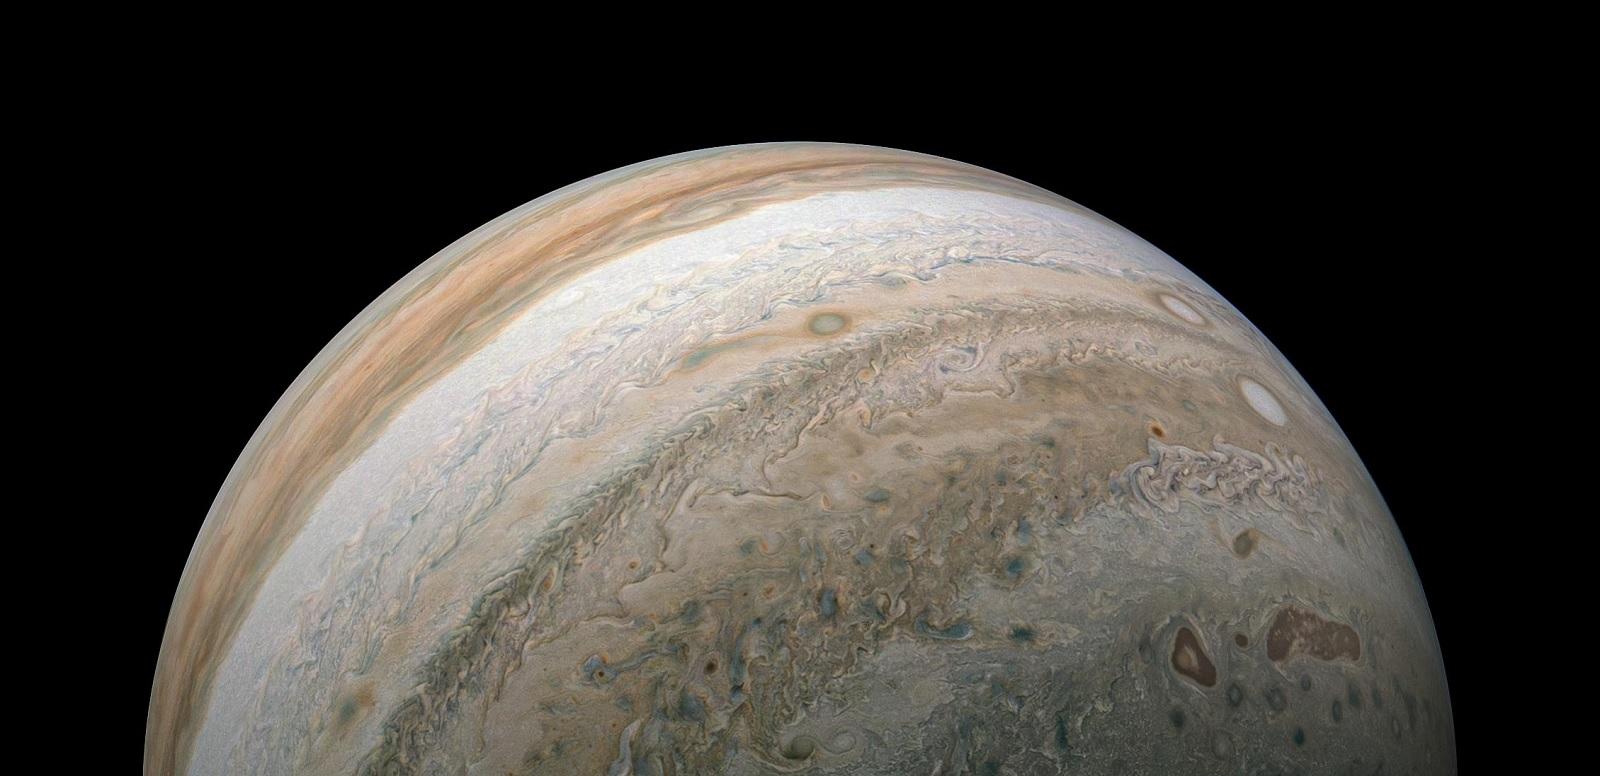 Zdjęcie Jowisza NASA